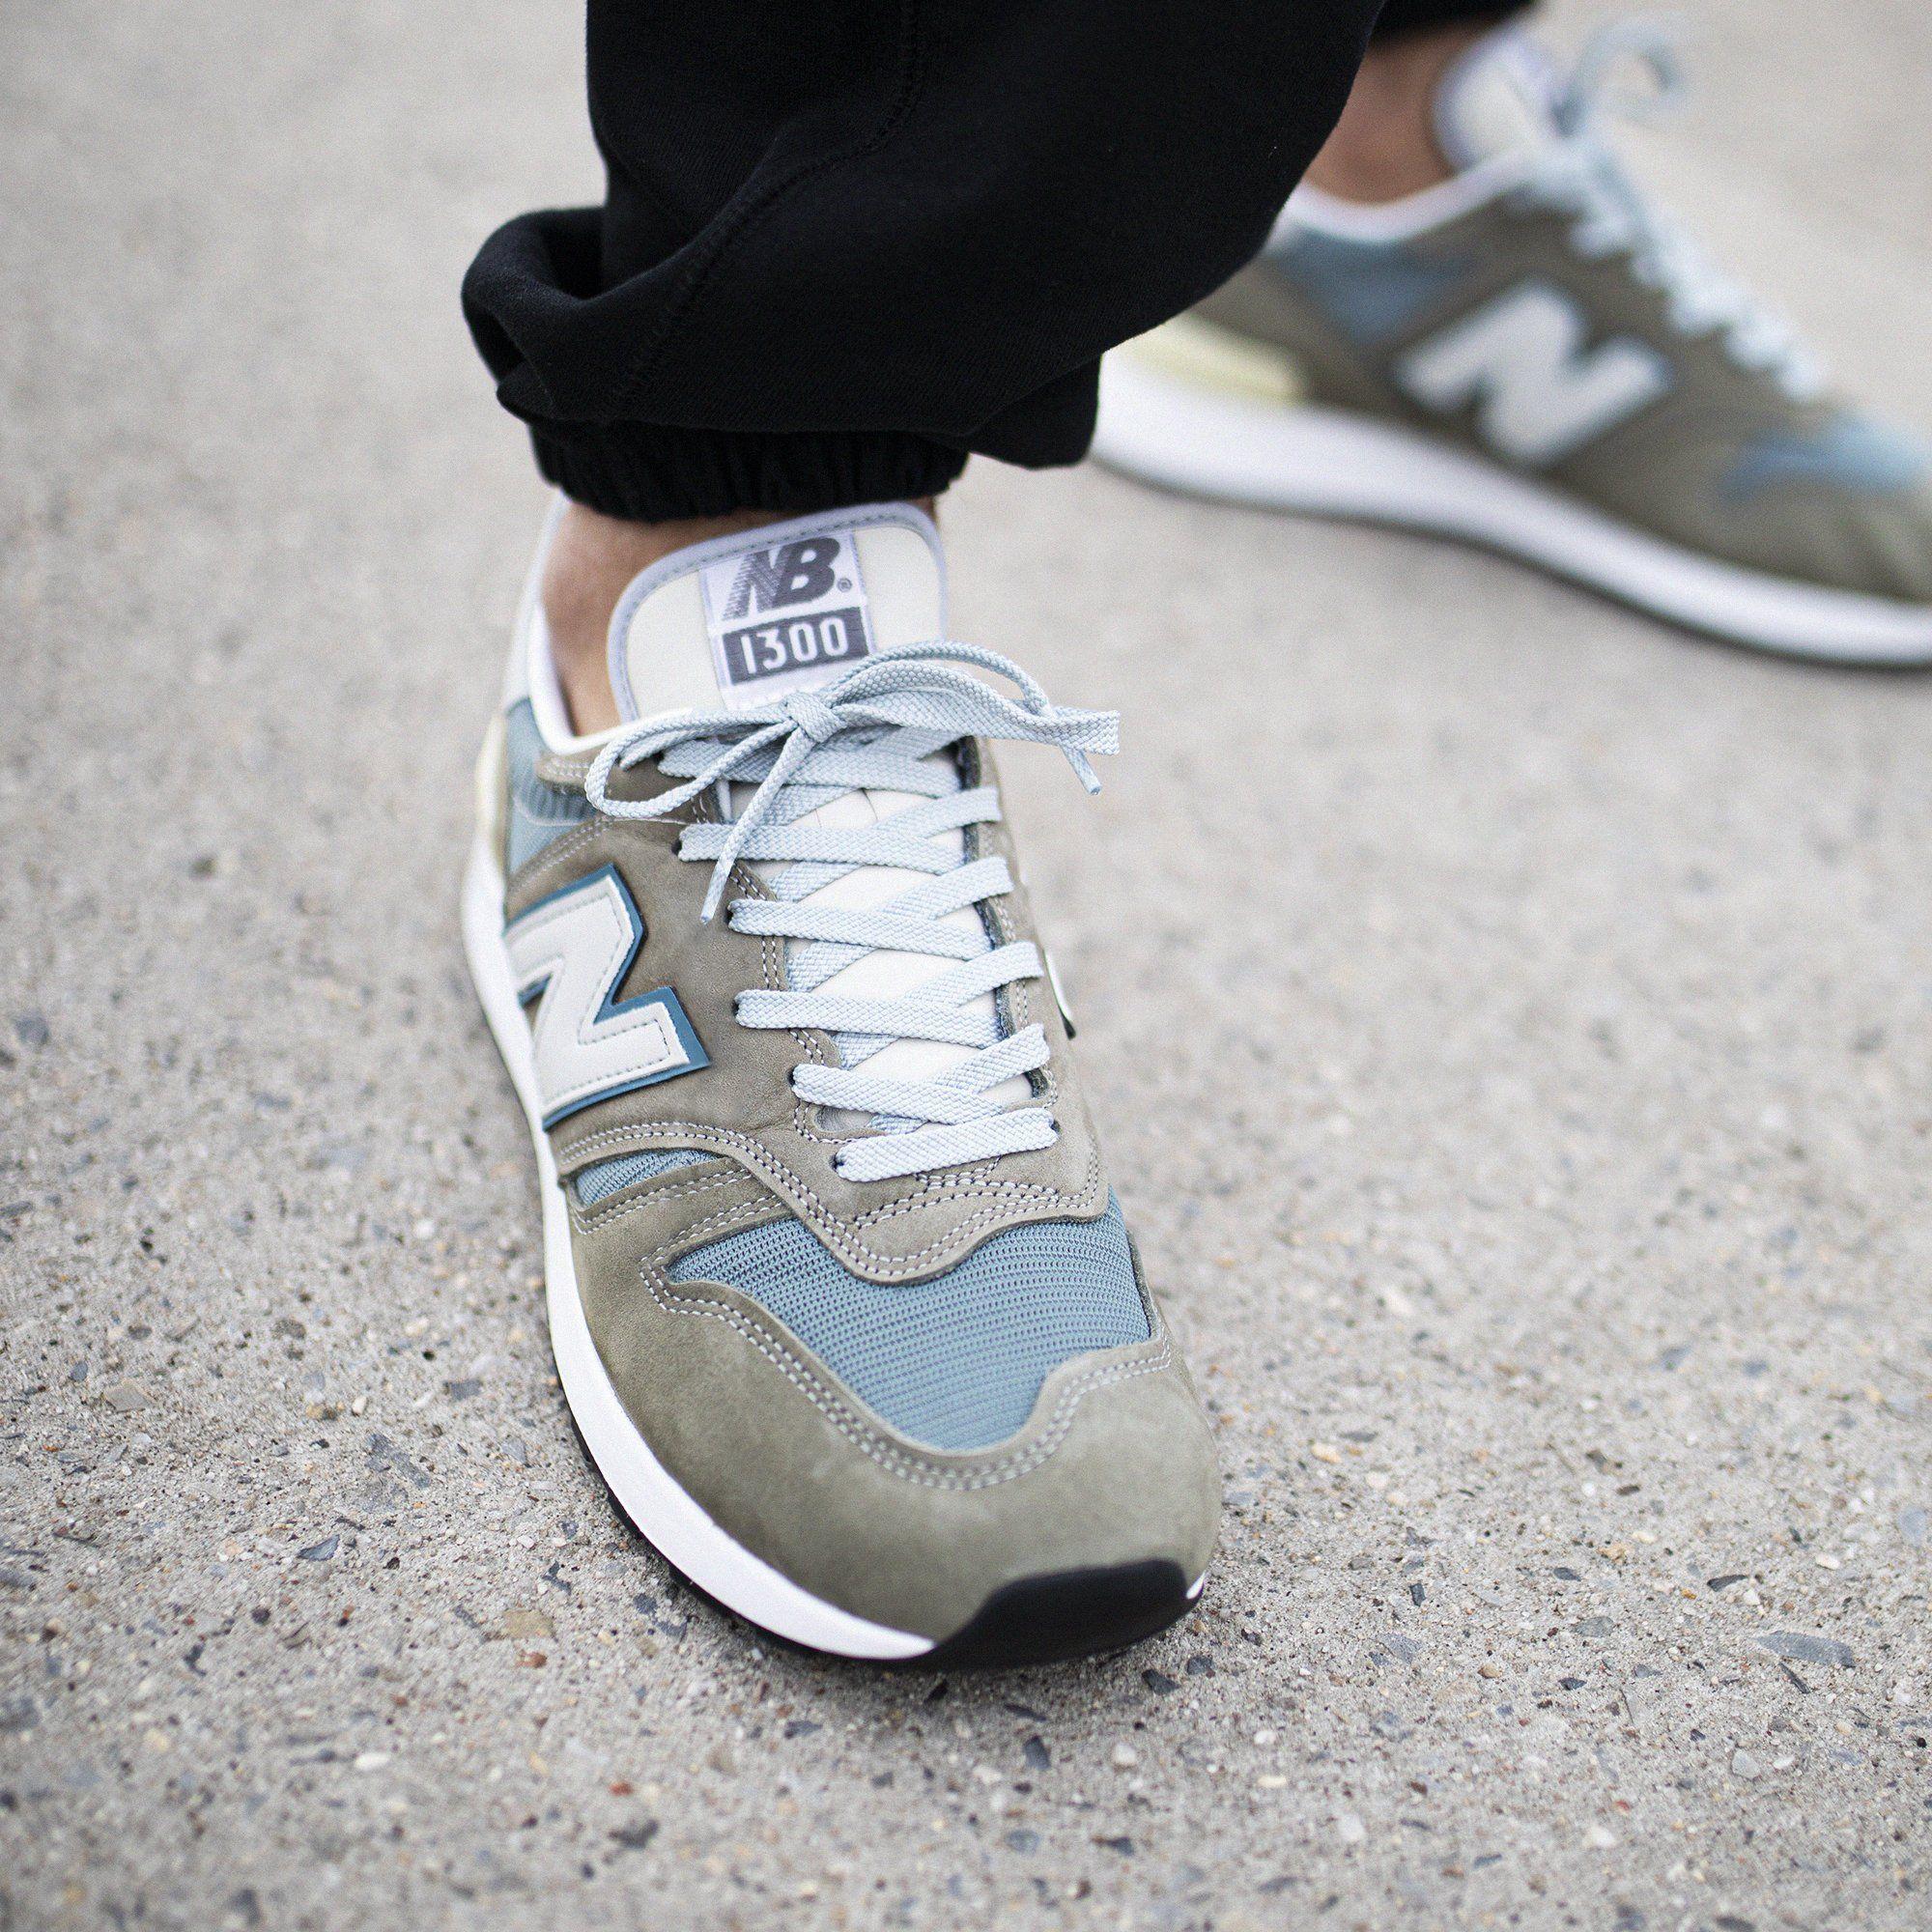 New Balance 1300JP Made in USA | New balance, New balance shoes ...